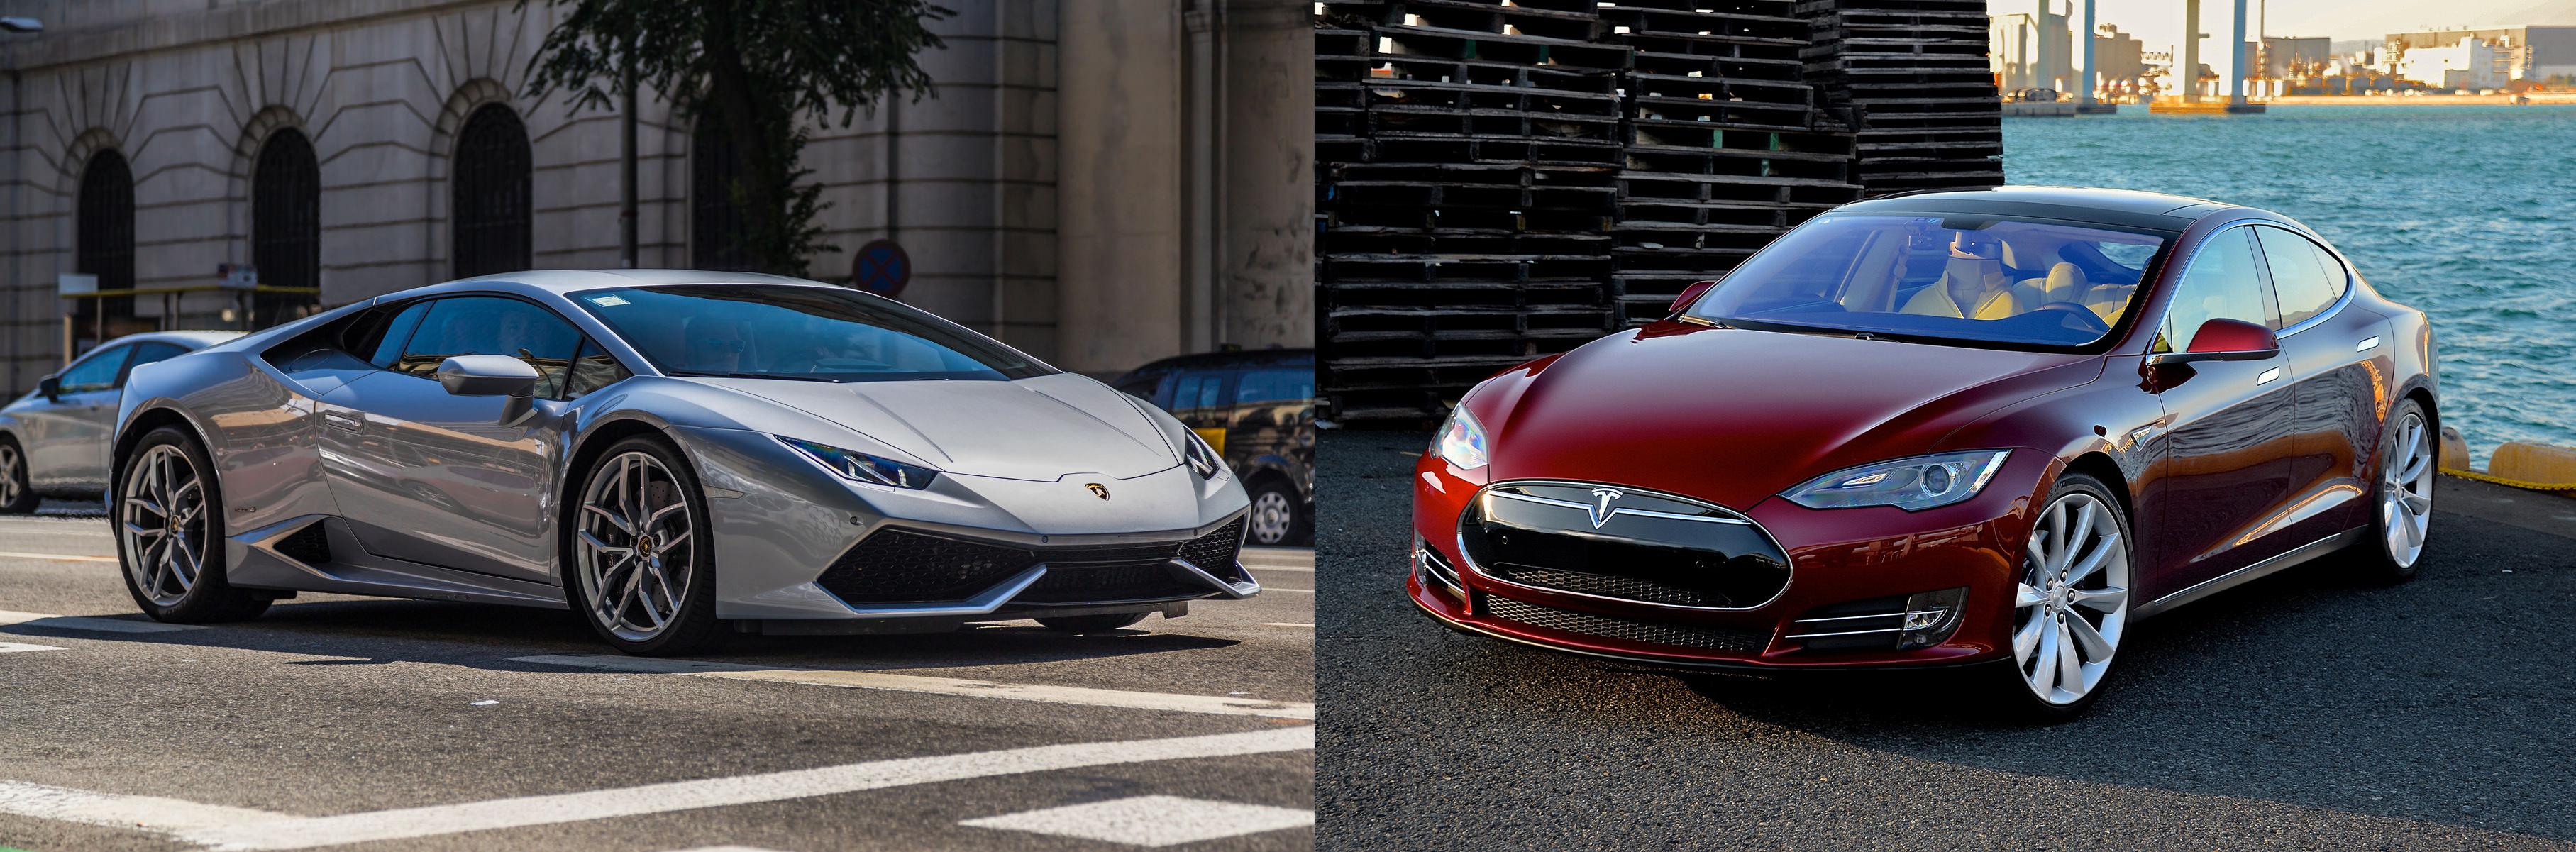 Watch A Tesla Model S Ludicrous P100d Smoke A Lamborghini Huracan In